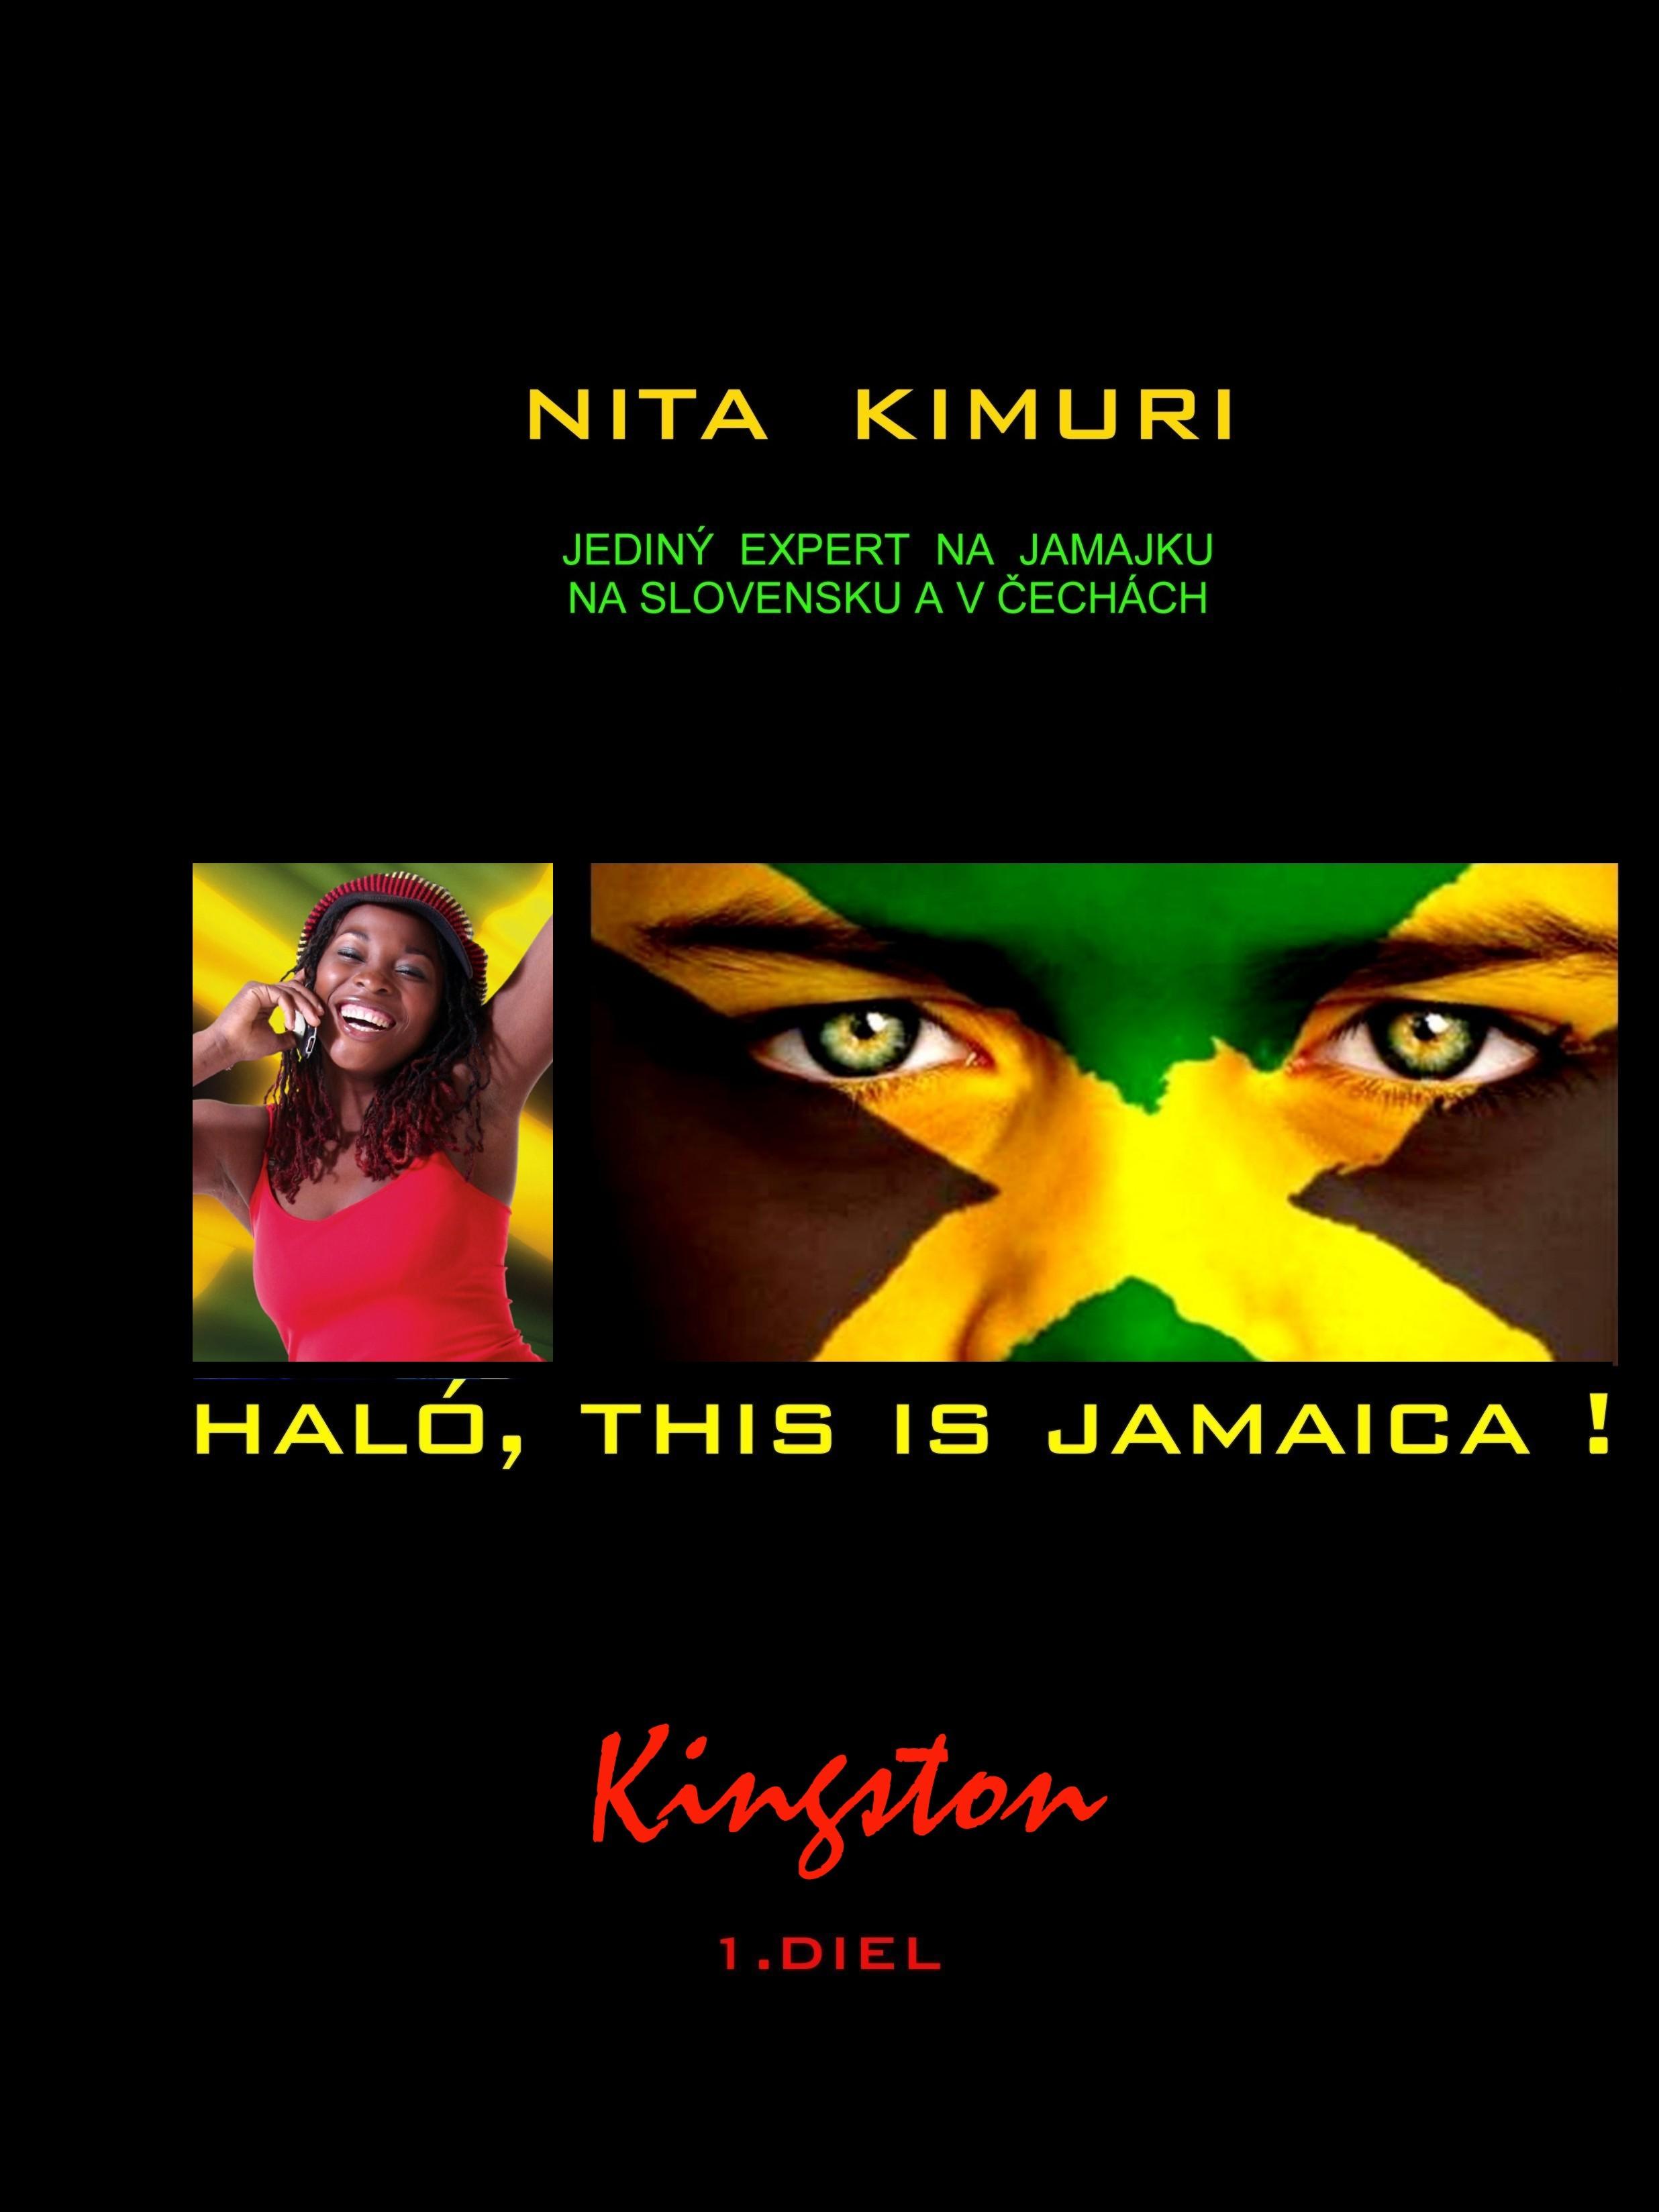 Haló, this is Jamaica! 1. diel - Kingston - Jediný expert na Jamajku na Slovensku aj v Čechách